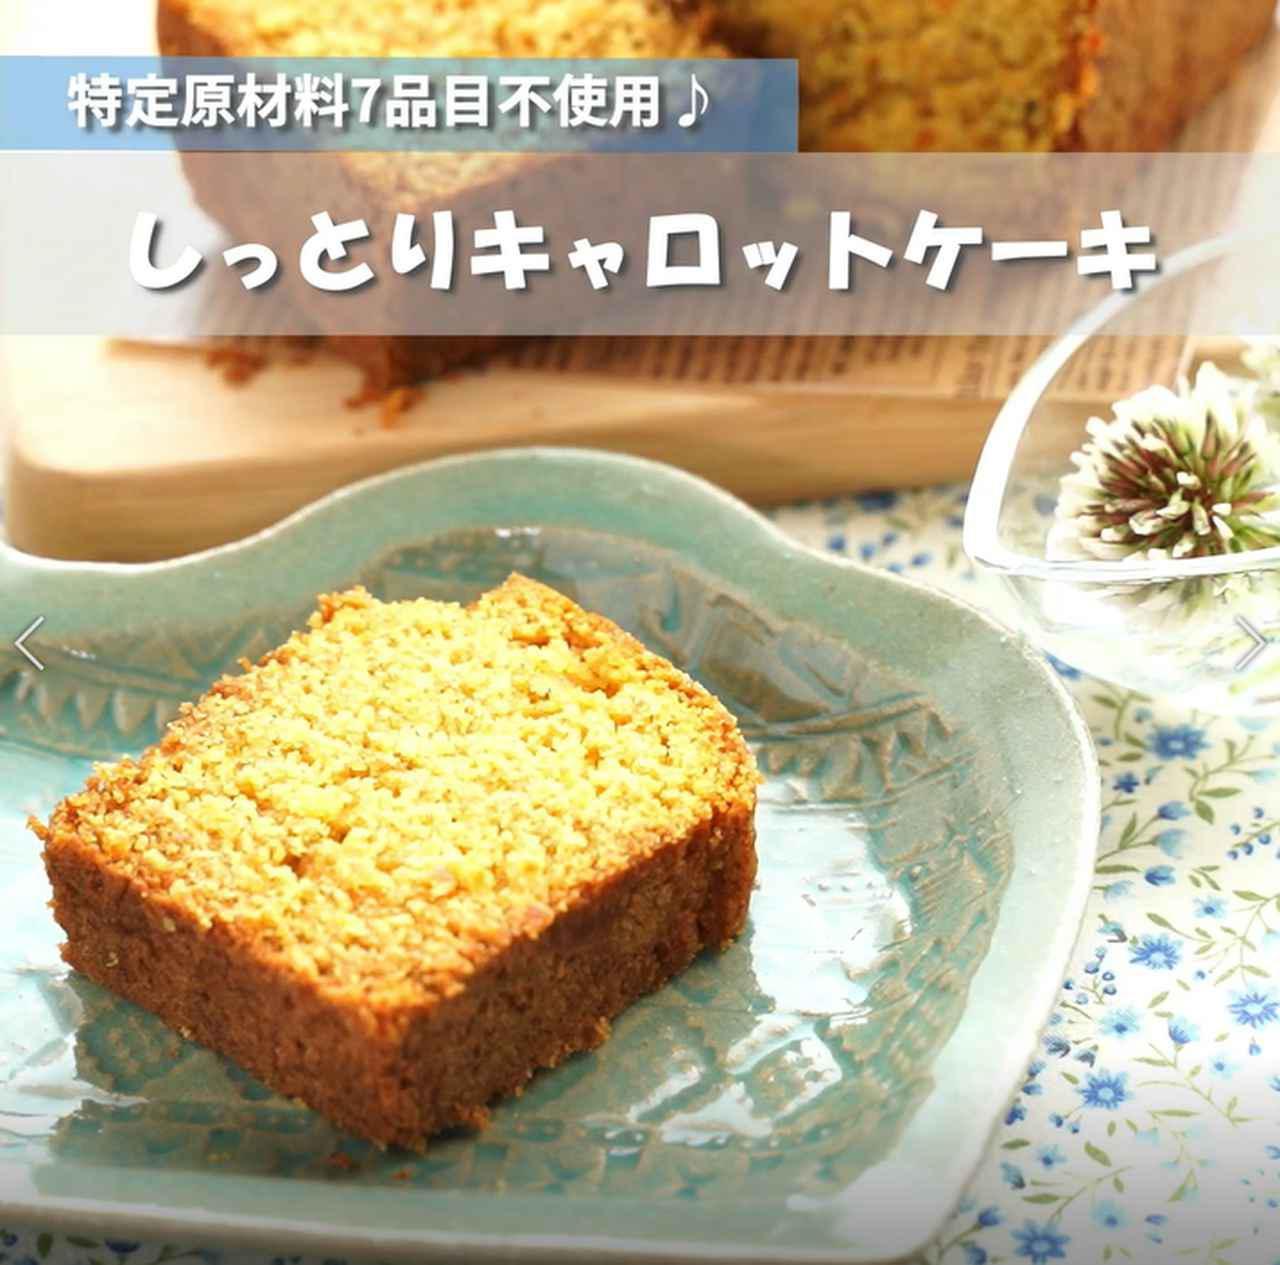 画像: しっとり美味しいキャロットケーキ - 君とごはん